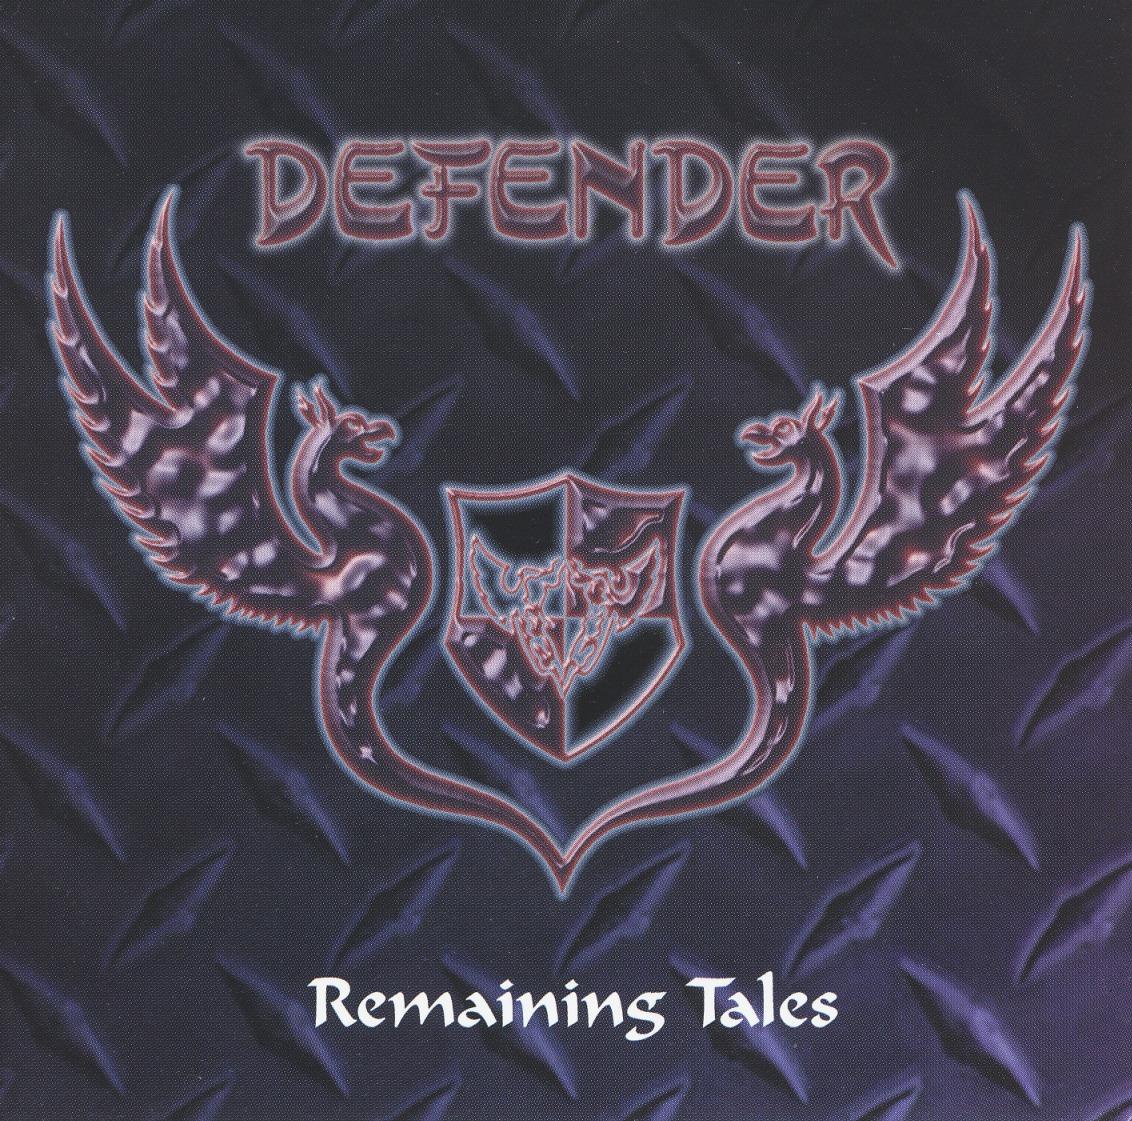 DEFENDER (Netherlands) / Remaining Tales